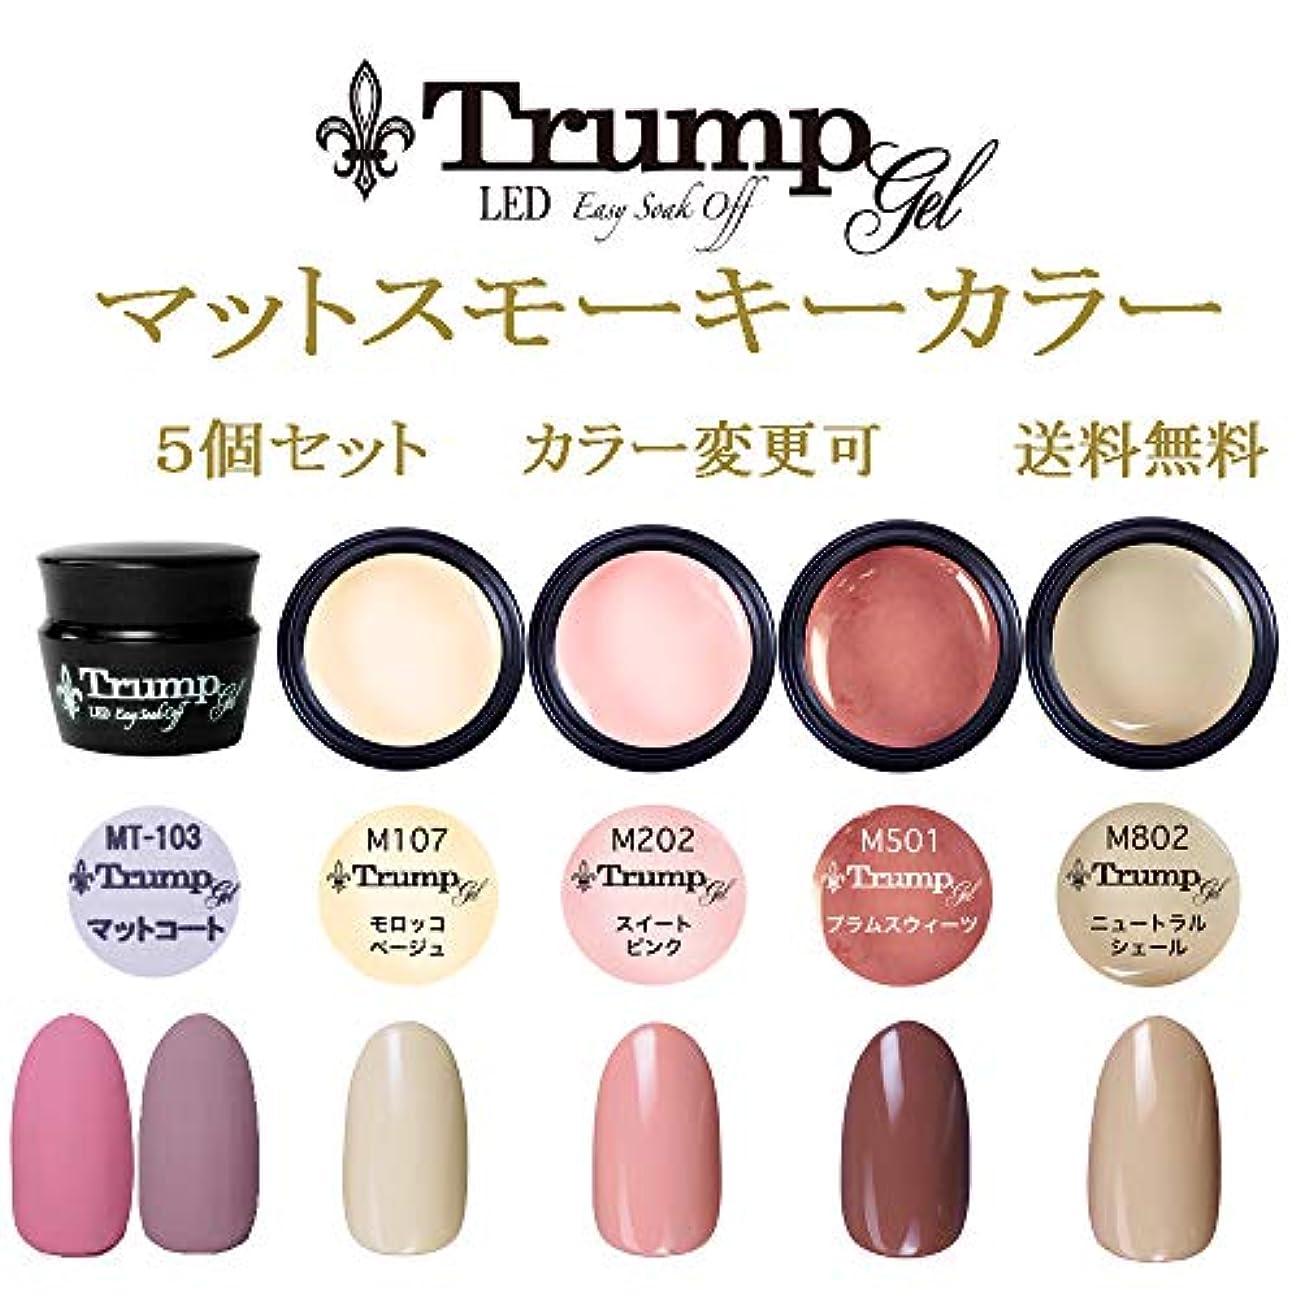 中央政治原告【送料無料】日本製 Trump gel トランプジェル マットスモーキー カラージェル 5個セット 魅惑のフロストマットトップとマットに合う人気カラーをチョイス